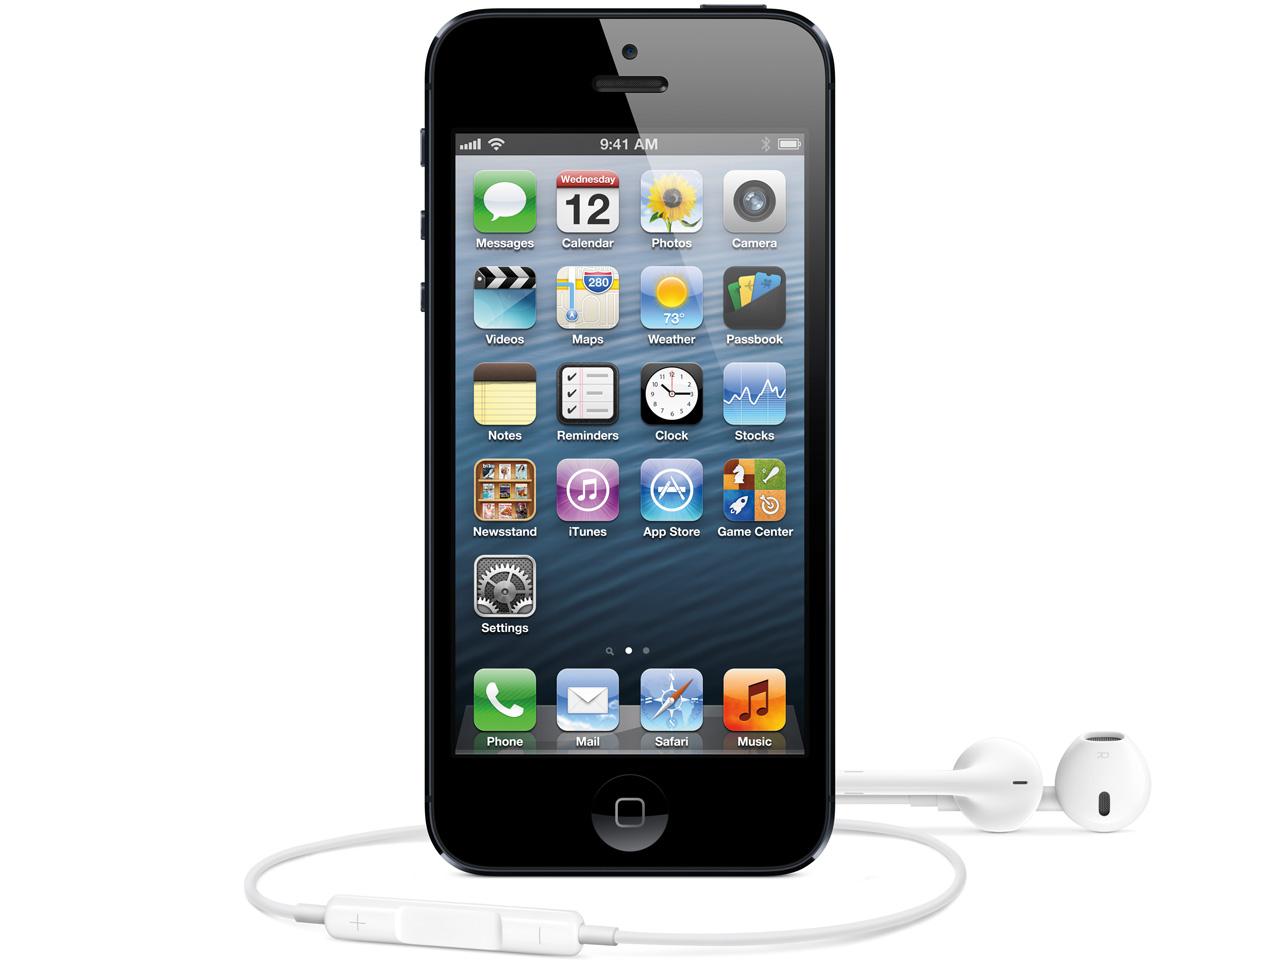 『本体 正面』 iPhone 5 64GB SoftBank [ブラック&スレート] の製品画像